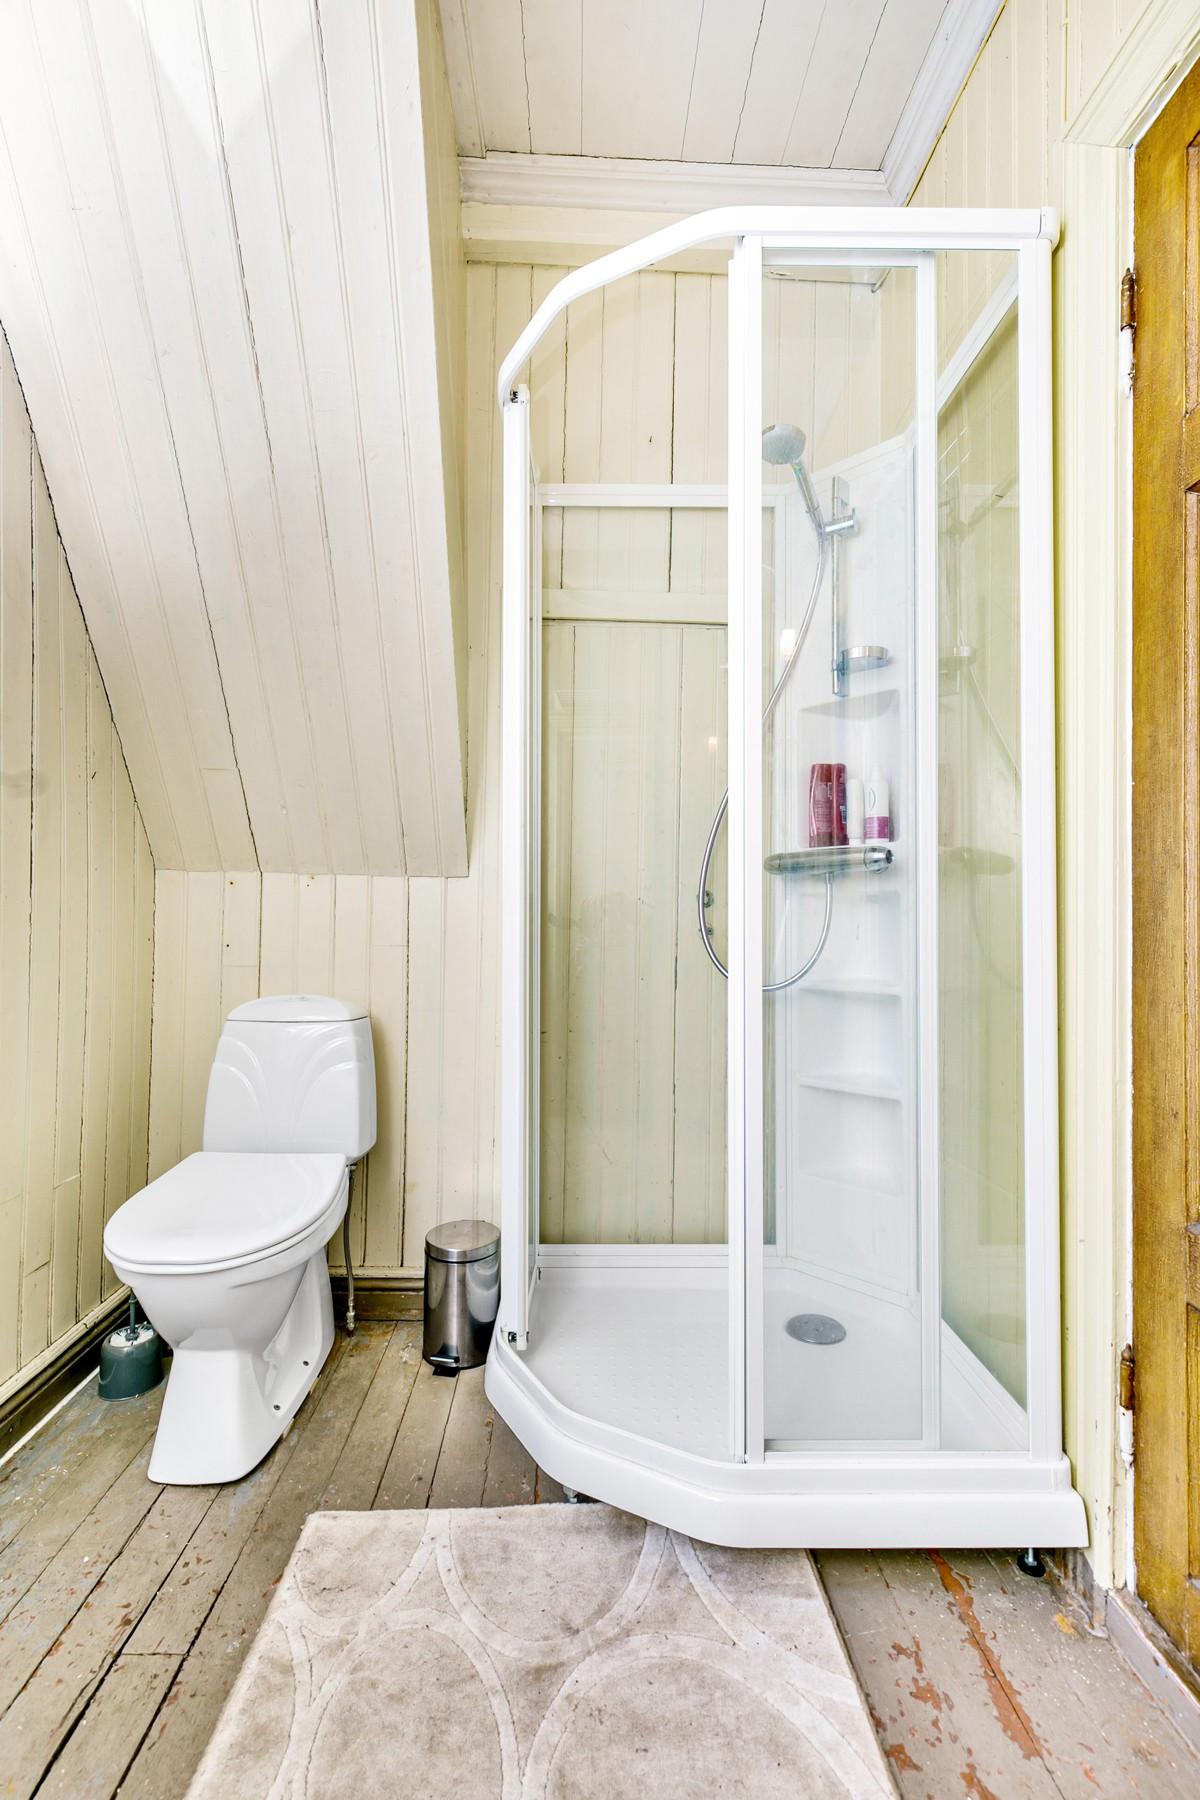 Baderommet inneholder wc, dusjkabinett og servant